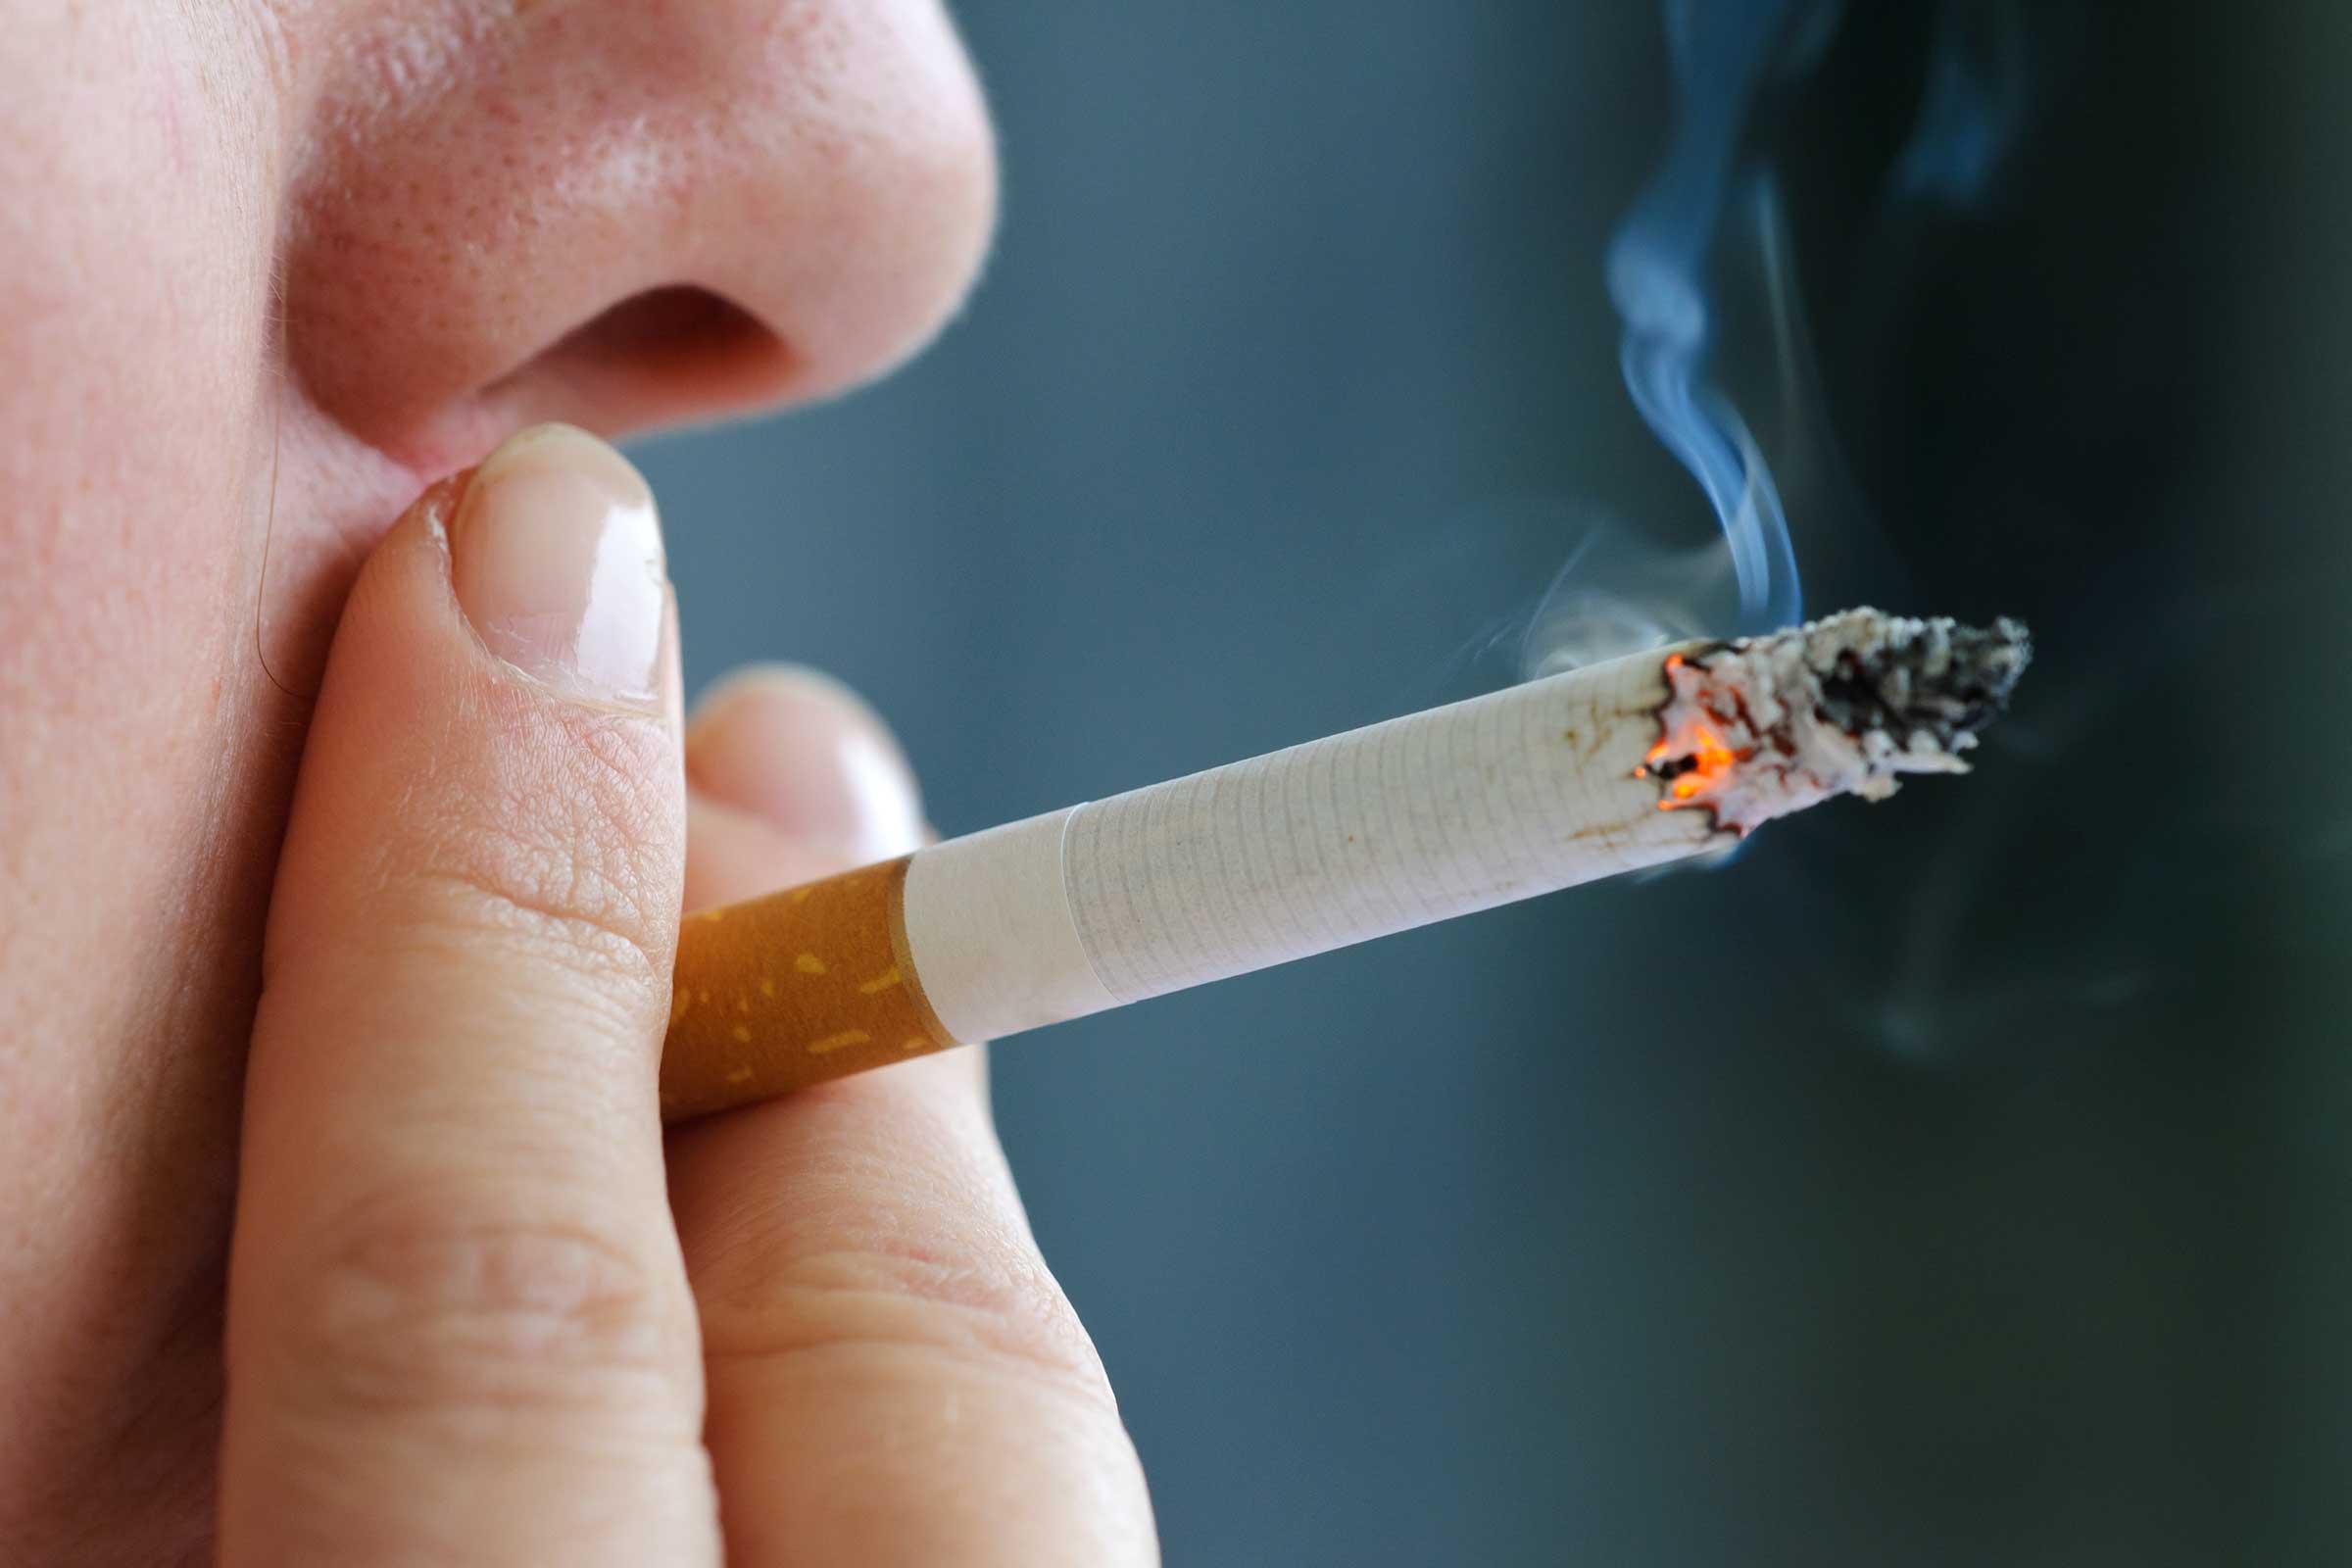 Khói thuốc lá gây nguy cơ ung thư phổi